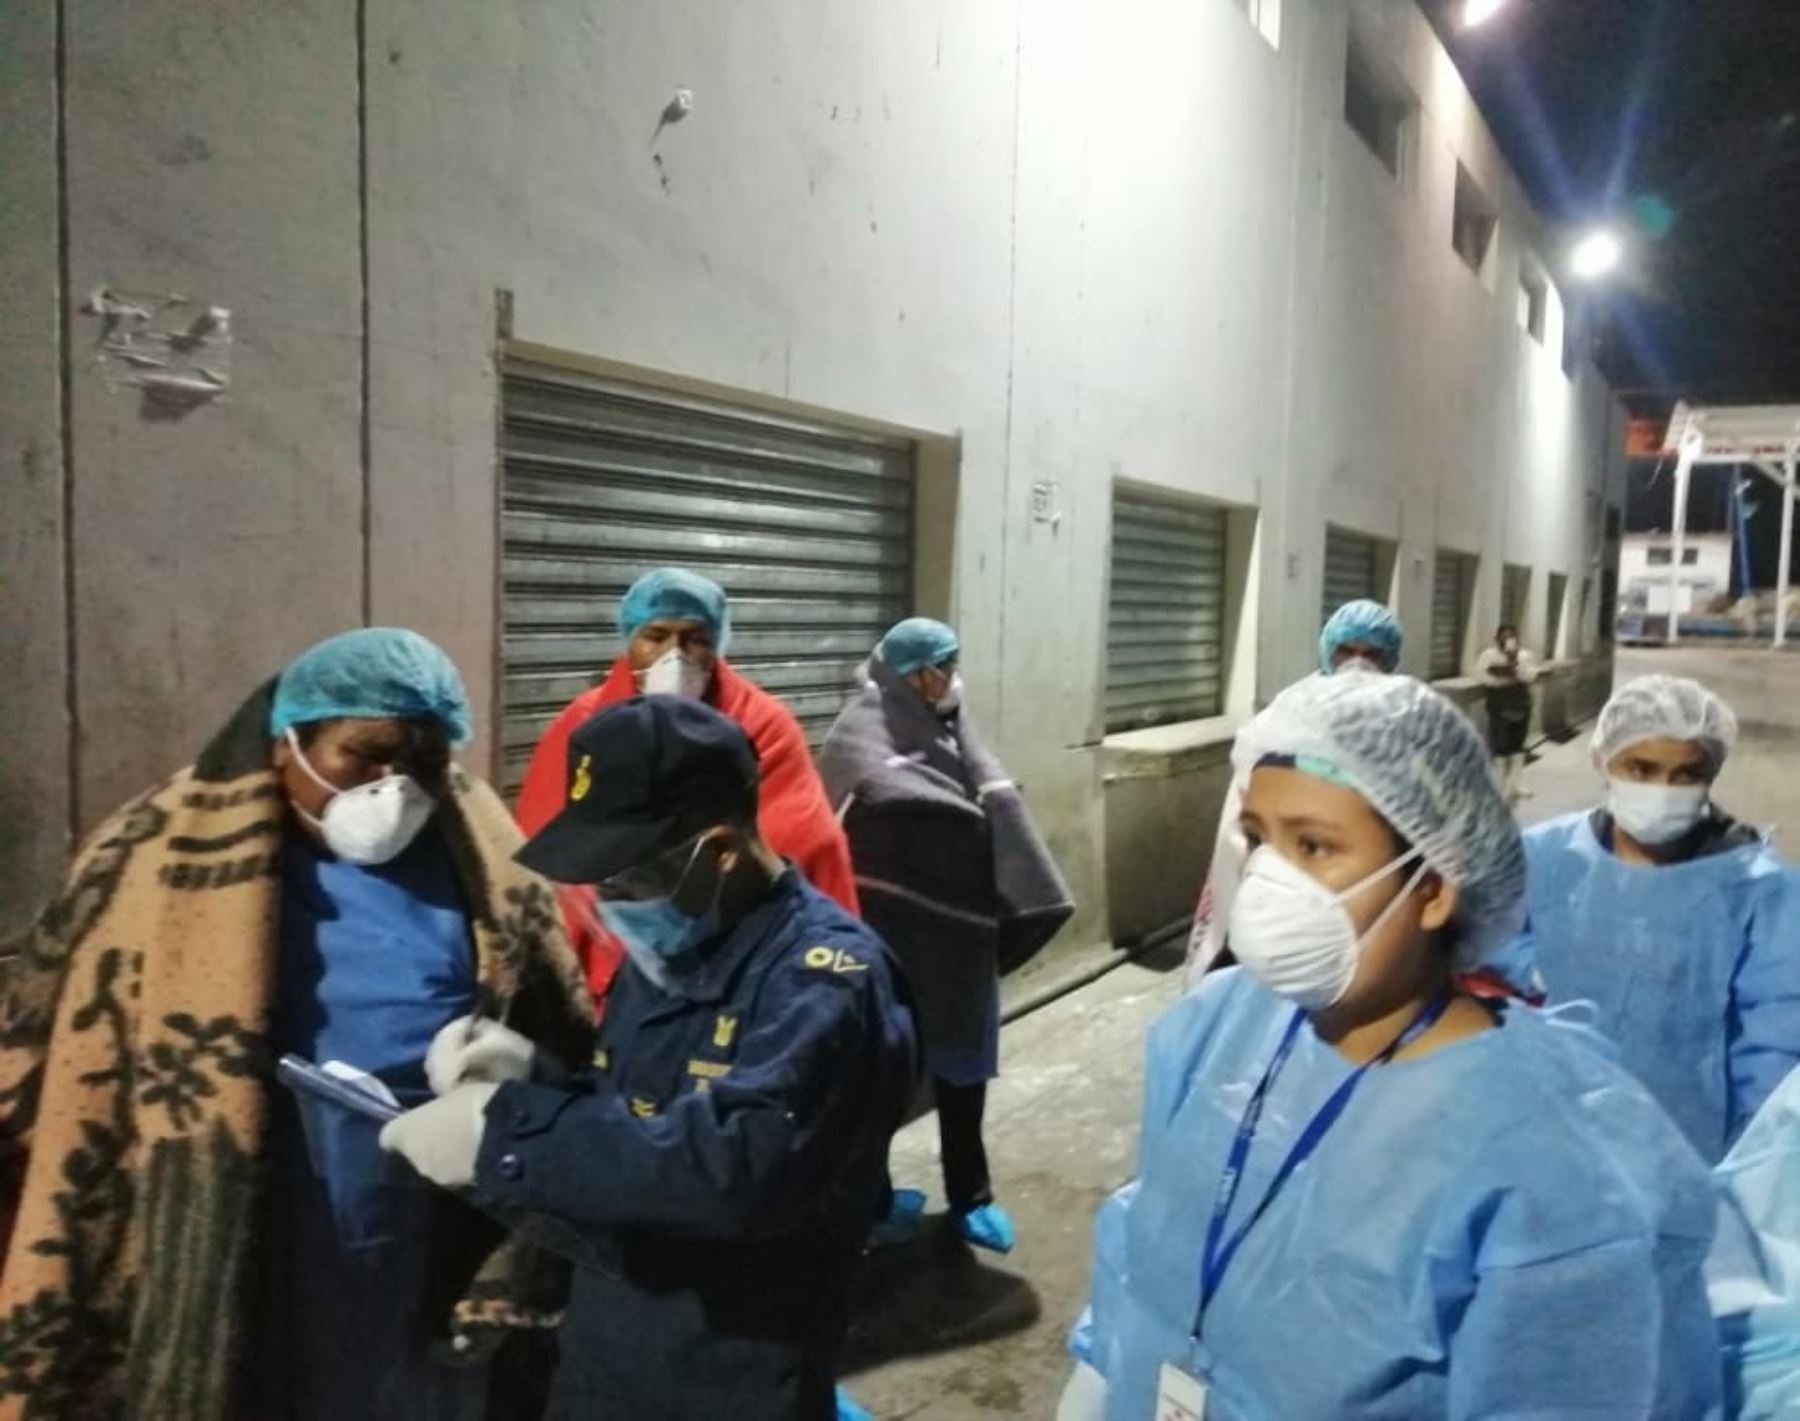 Patrullera de la Marina de Guerra del Perú rescató anoche a seis tripulantes de una embarcación pesquera que sufrió un accidente en alta mar, cerca de la bahía del puerto de Ilo, en Moquegua. ANDINA/Difusión